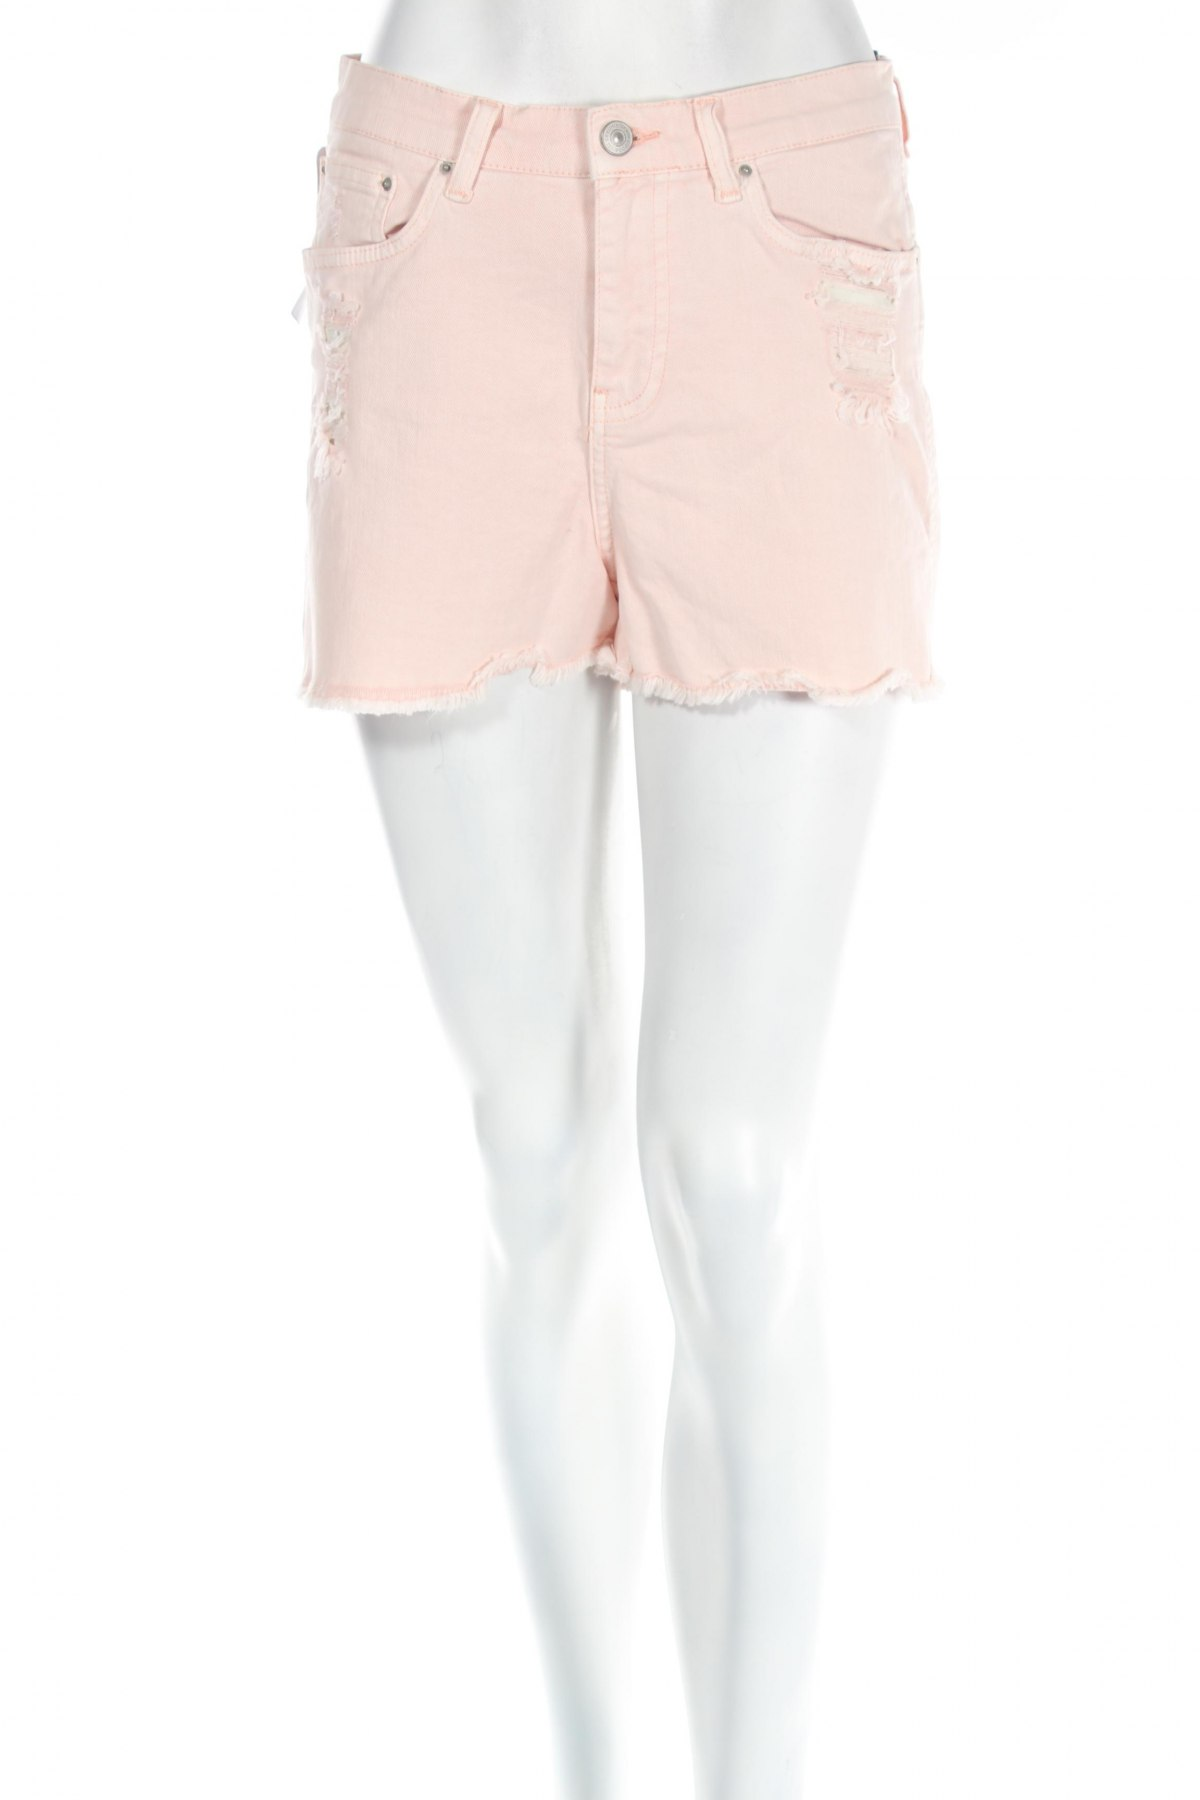 Дамски къс панталон Ltb, Размер S, Цвят Розов, 98% памук, 2% еластан, Цена 26,00лв.